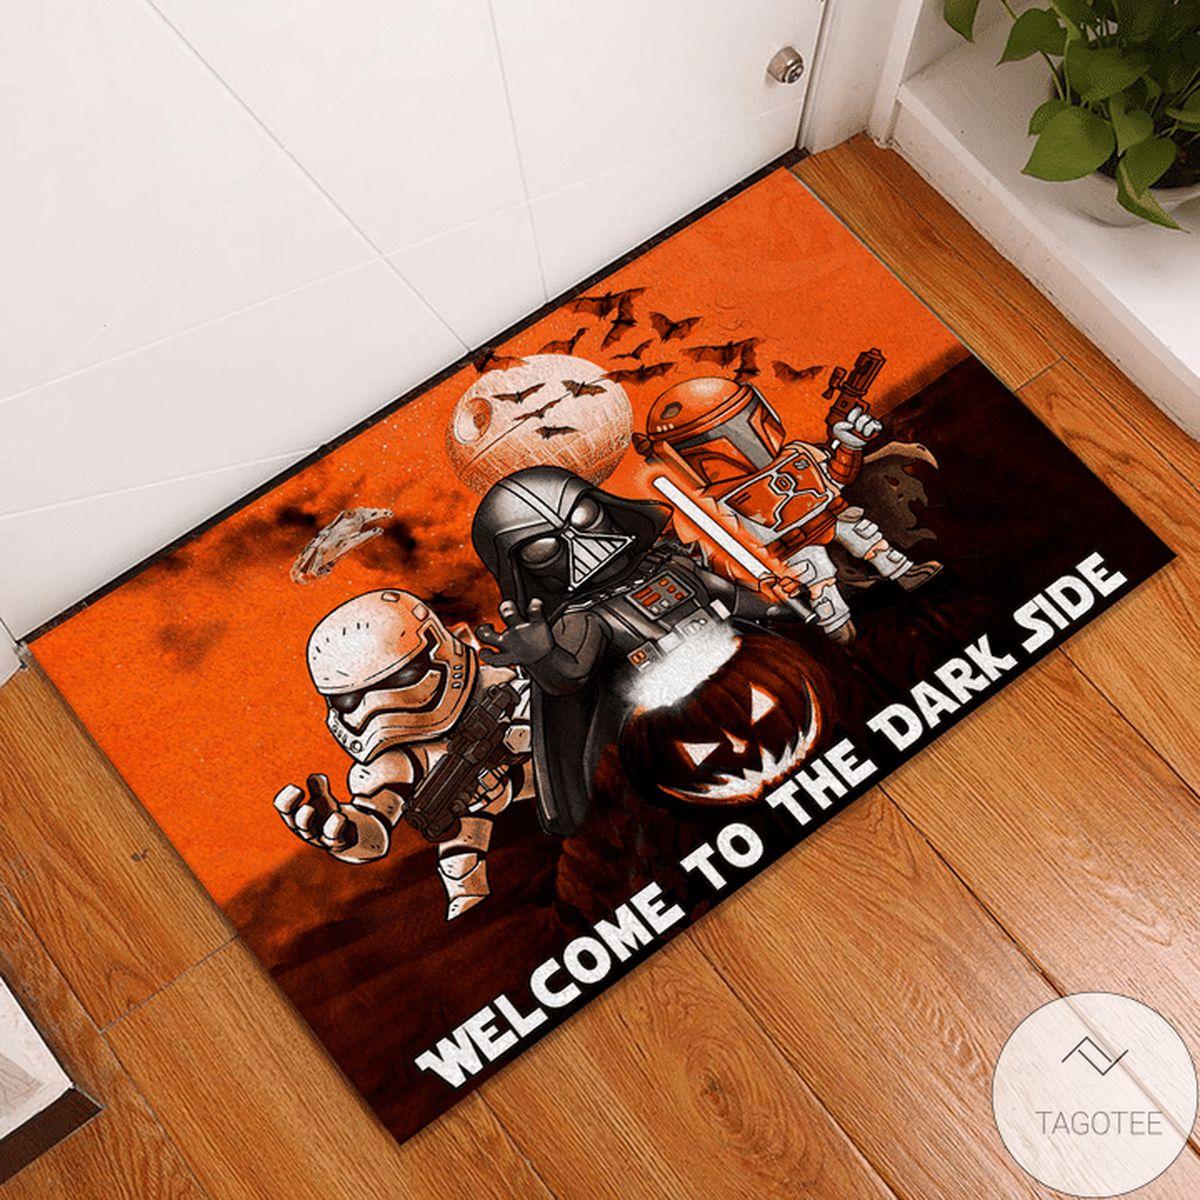 Star Wars Darth Vader Stormtrooper Boba Fett Doormat